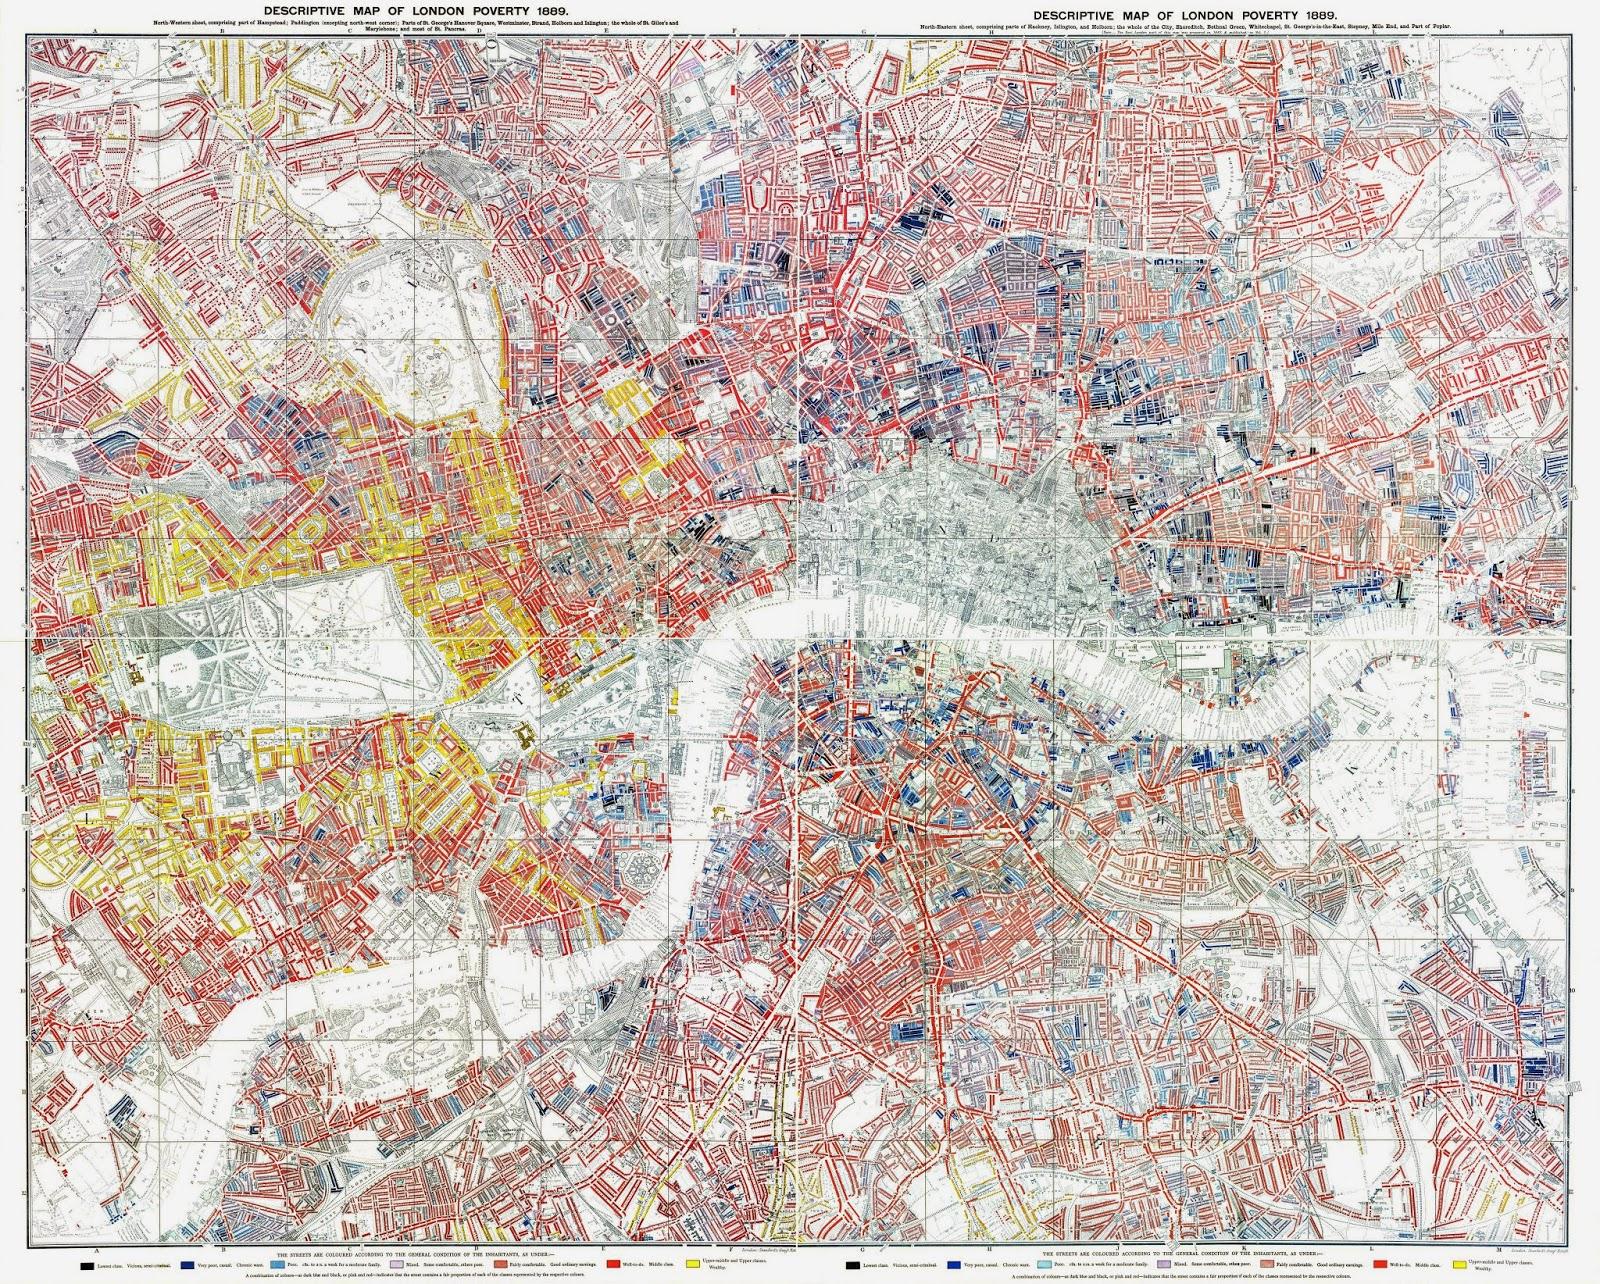 Карта Лондона, раскрашенная по финансовому положению жителей. 1889 год!